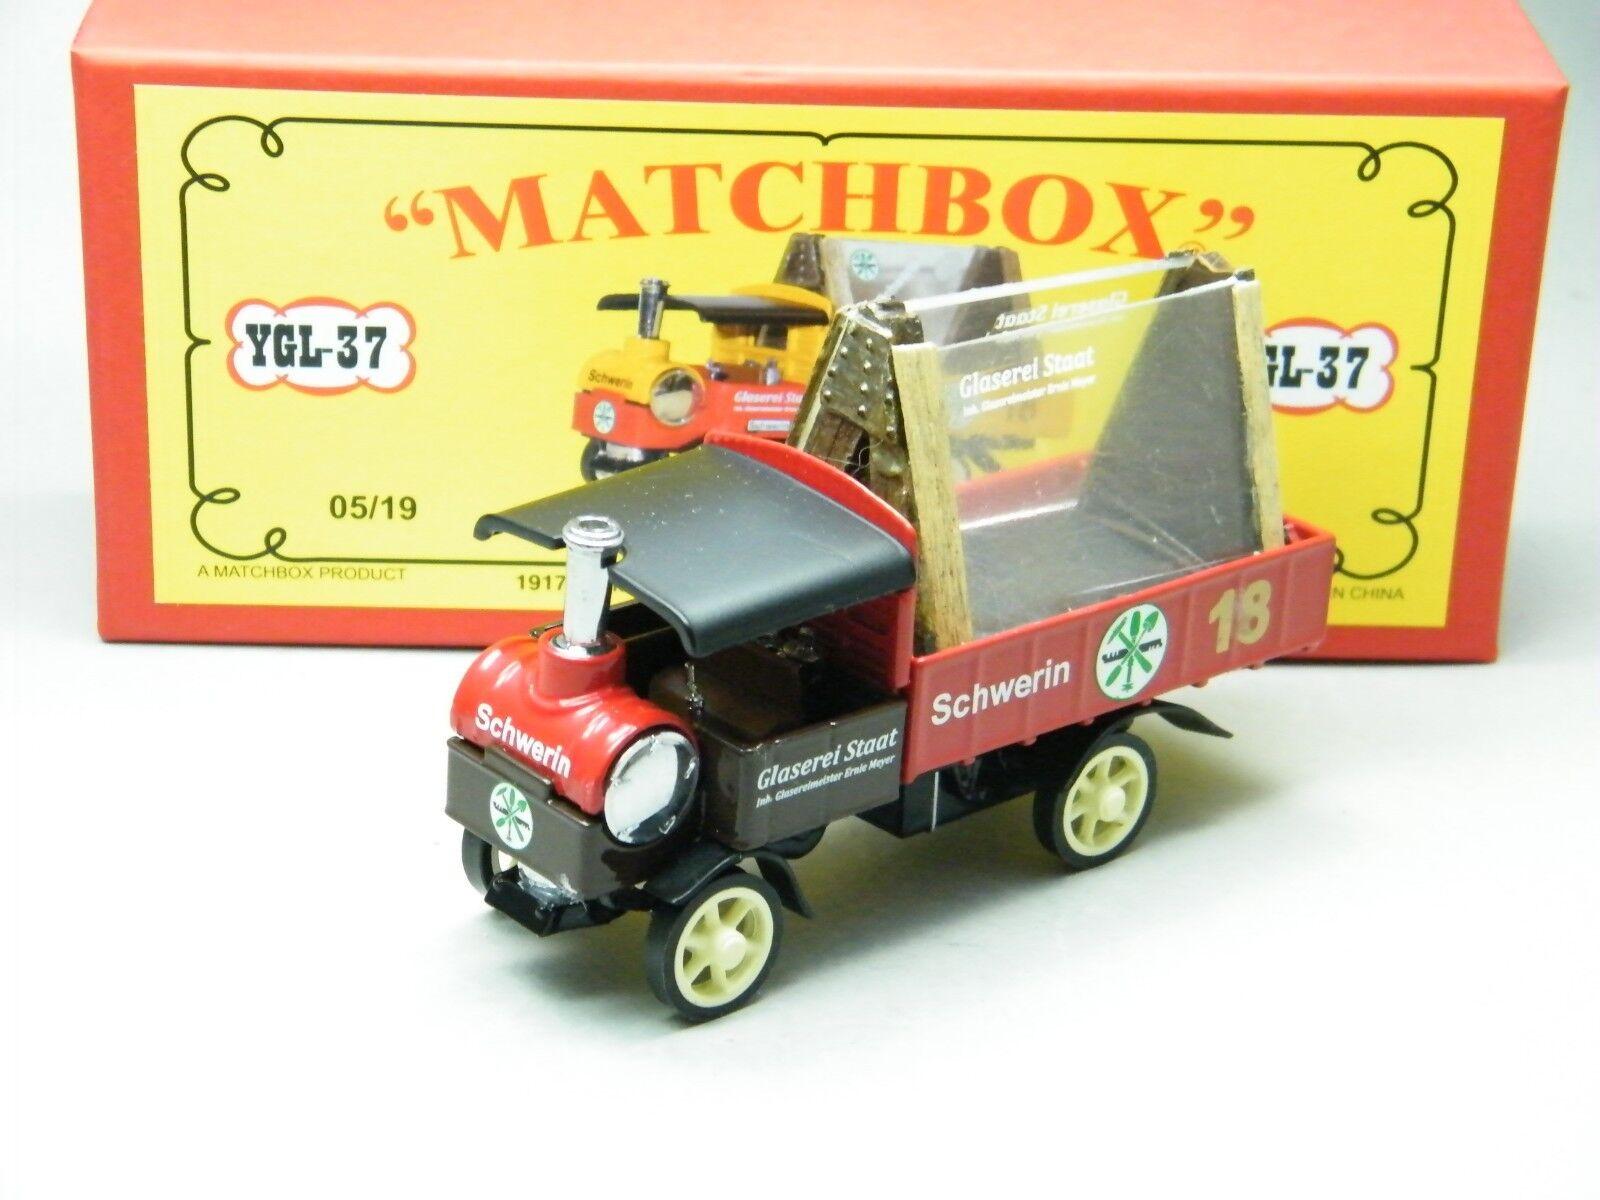 Matchbox MOY code 2  ygl-37 Yorkshire verrerie avec voituregaison ROUGE BOX 1 de 6 NEUF dans sa boîte  vente discount